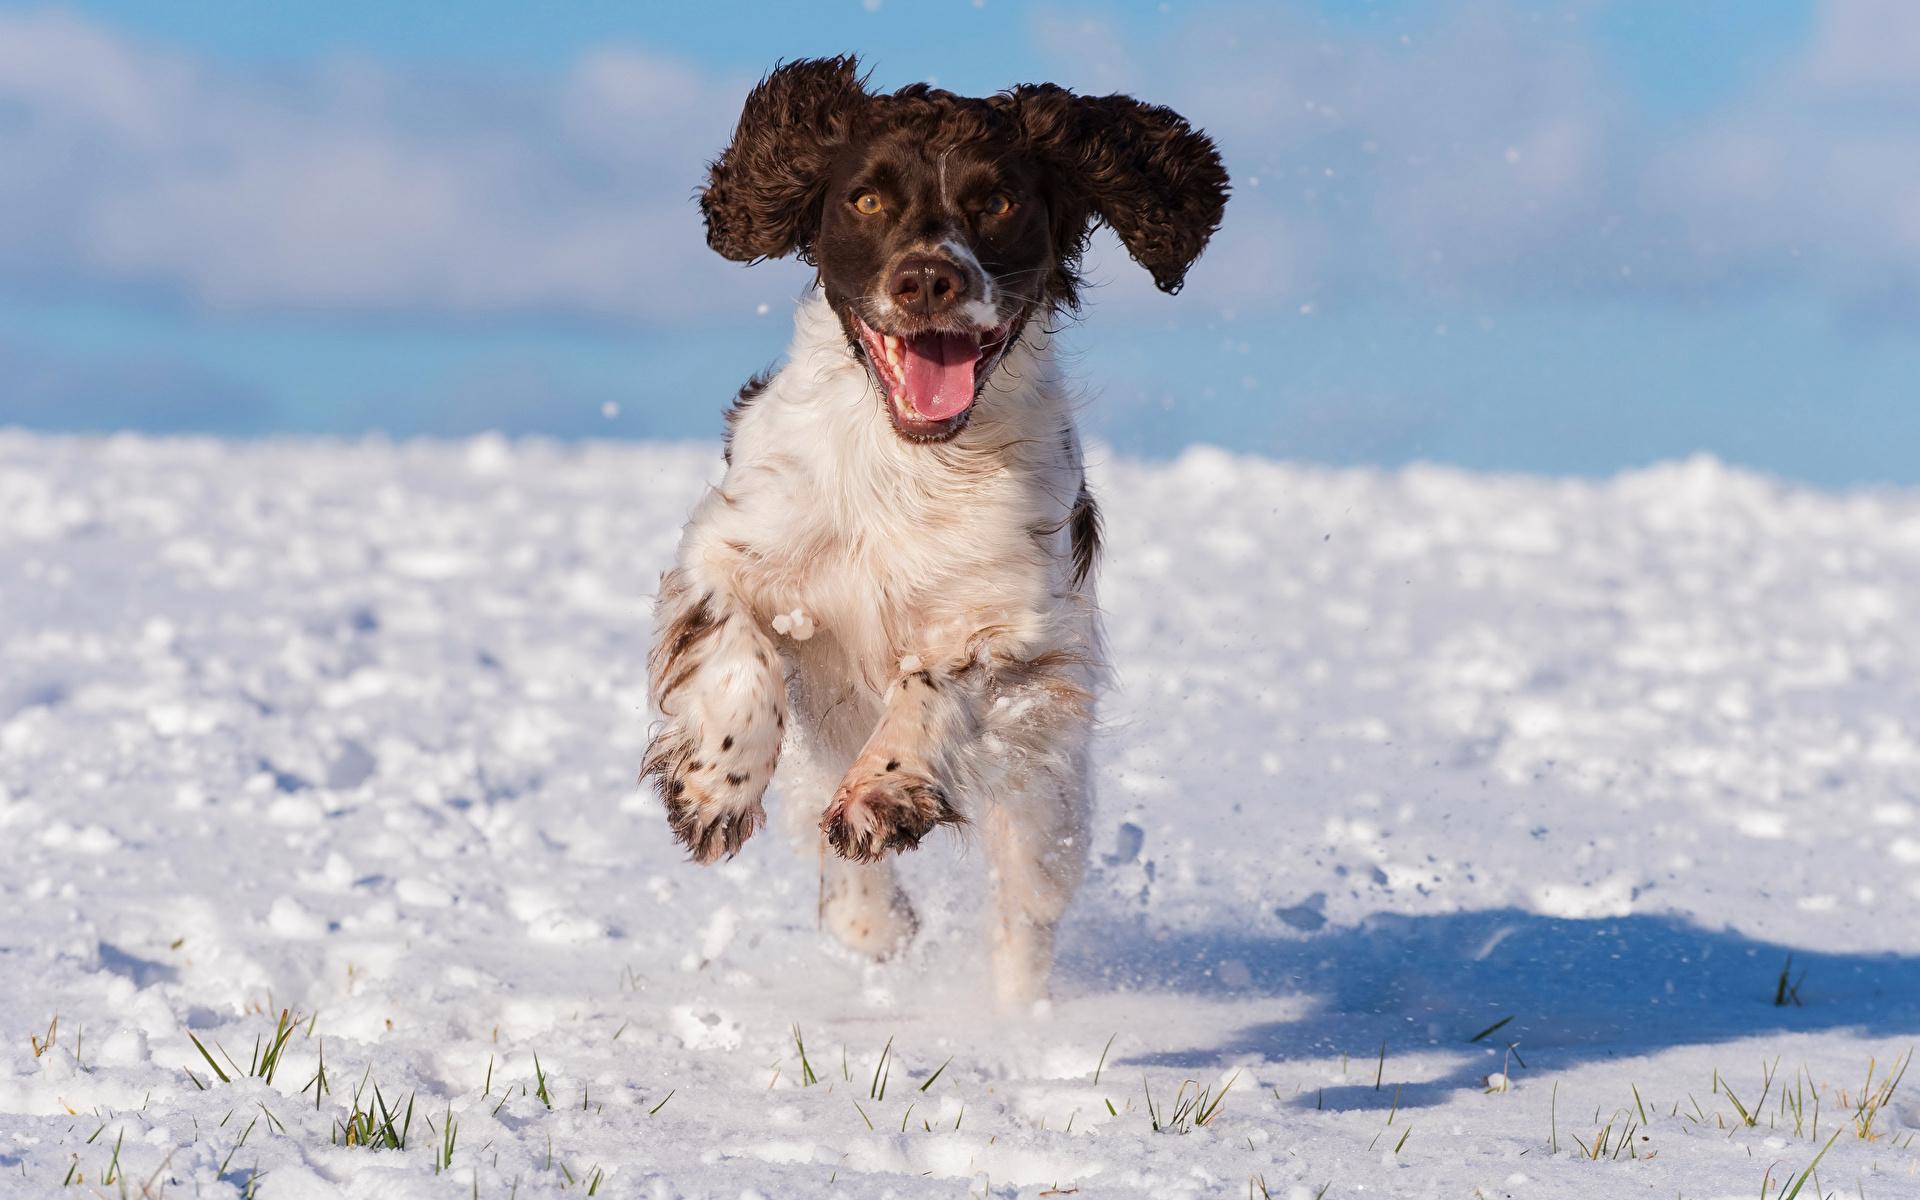 Hintergrundbilder Spaniel Hunde Laufsport cocker spaniel Schnee Tiere 1920x1200 Lauf Laufen